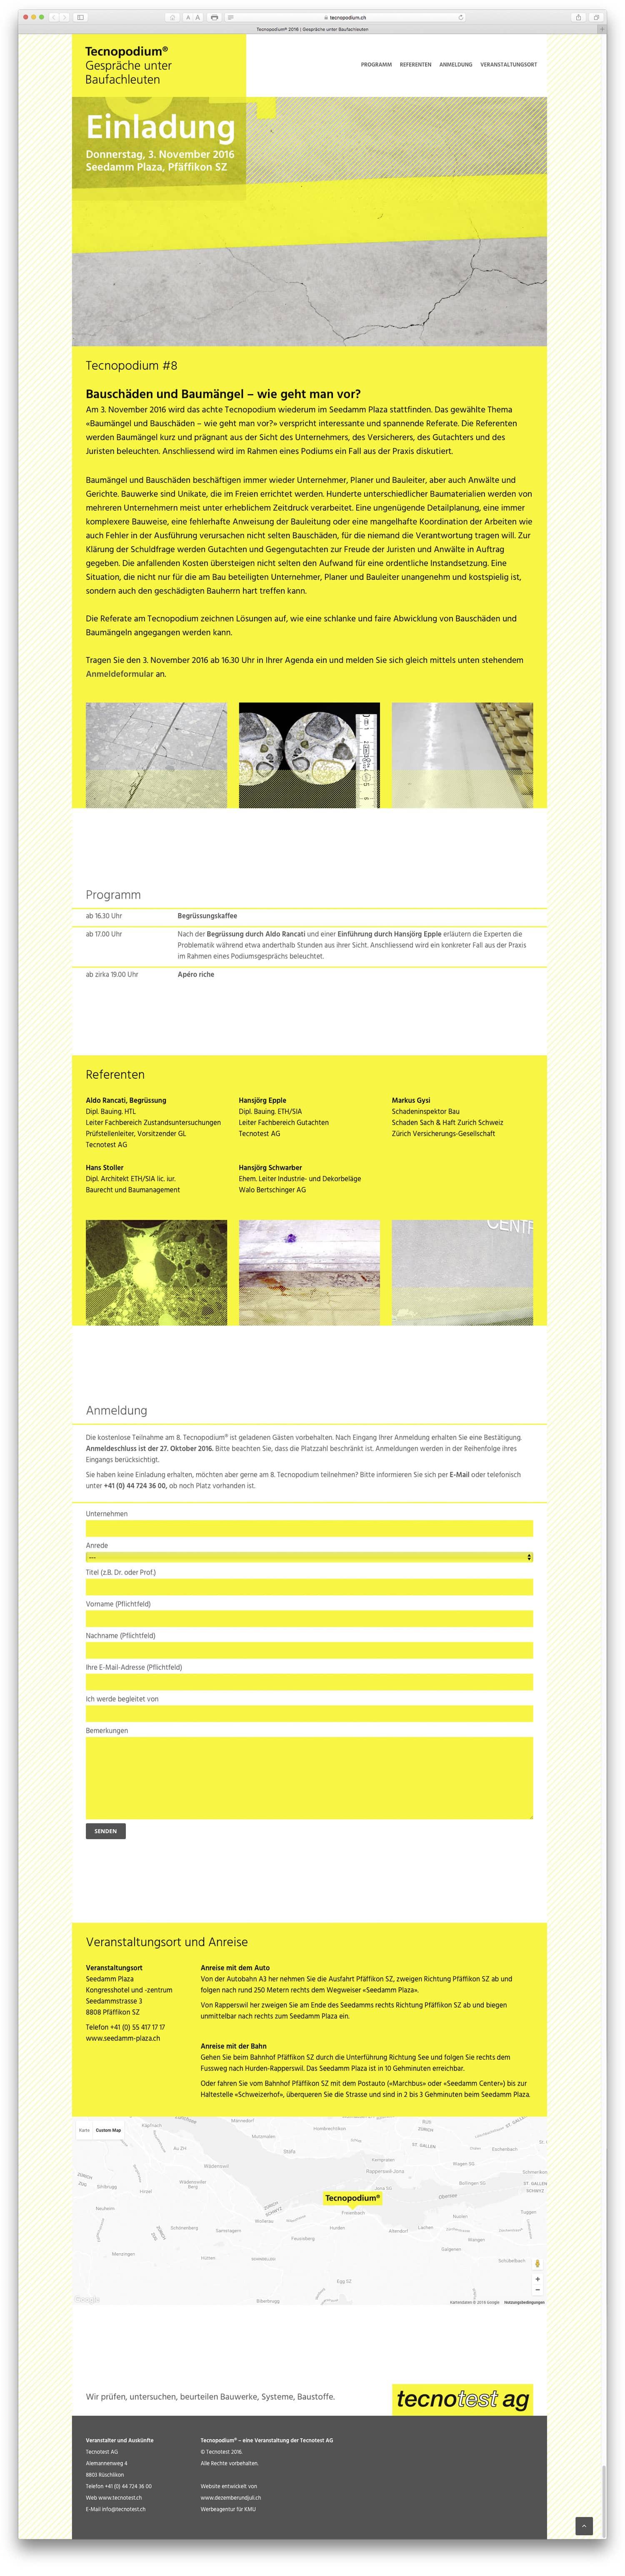 tecnopodium-microsite